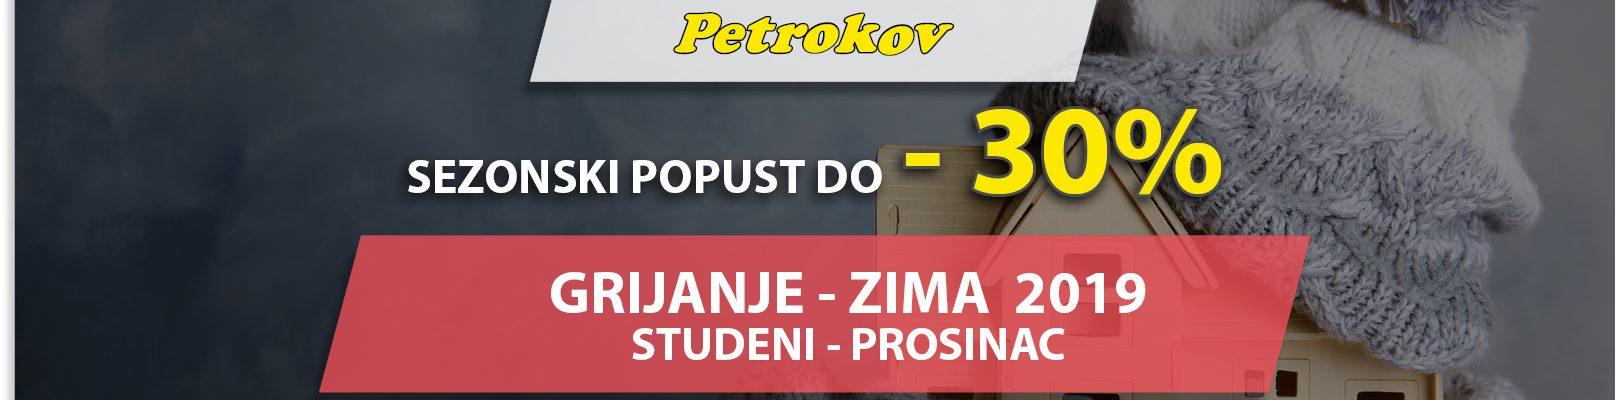 petrokov akcija